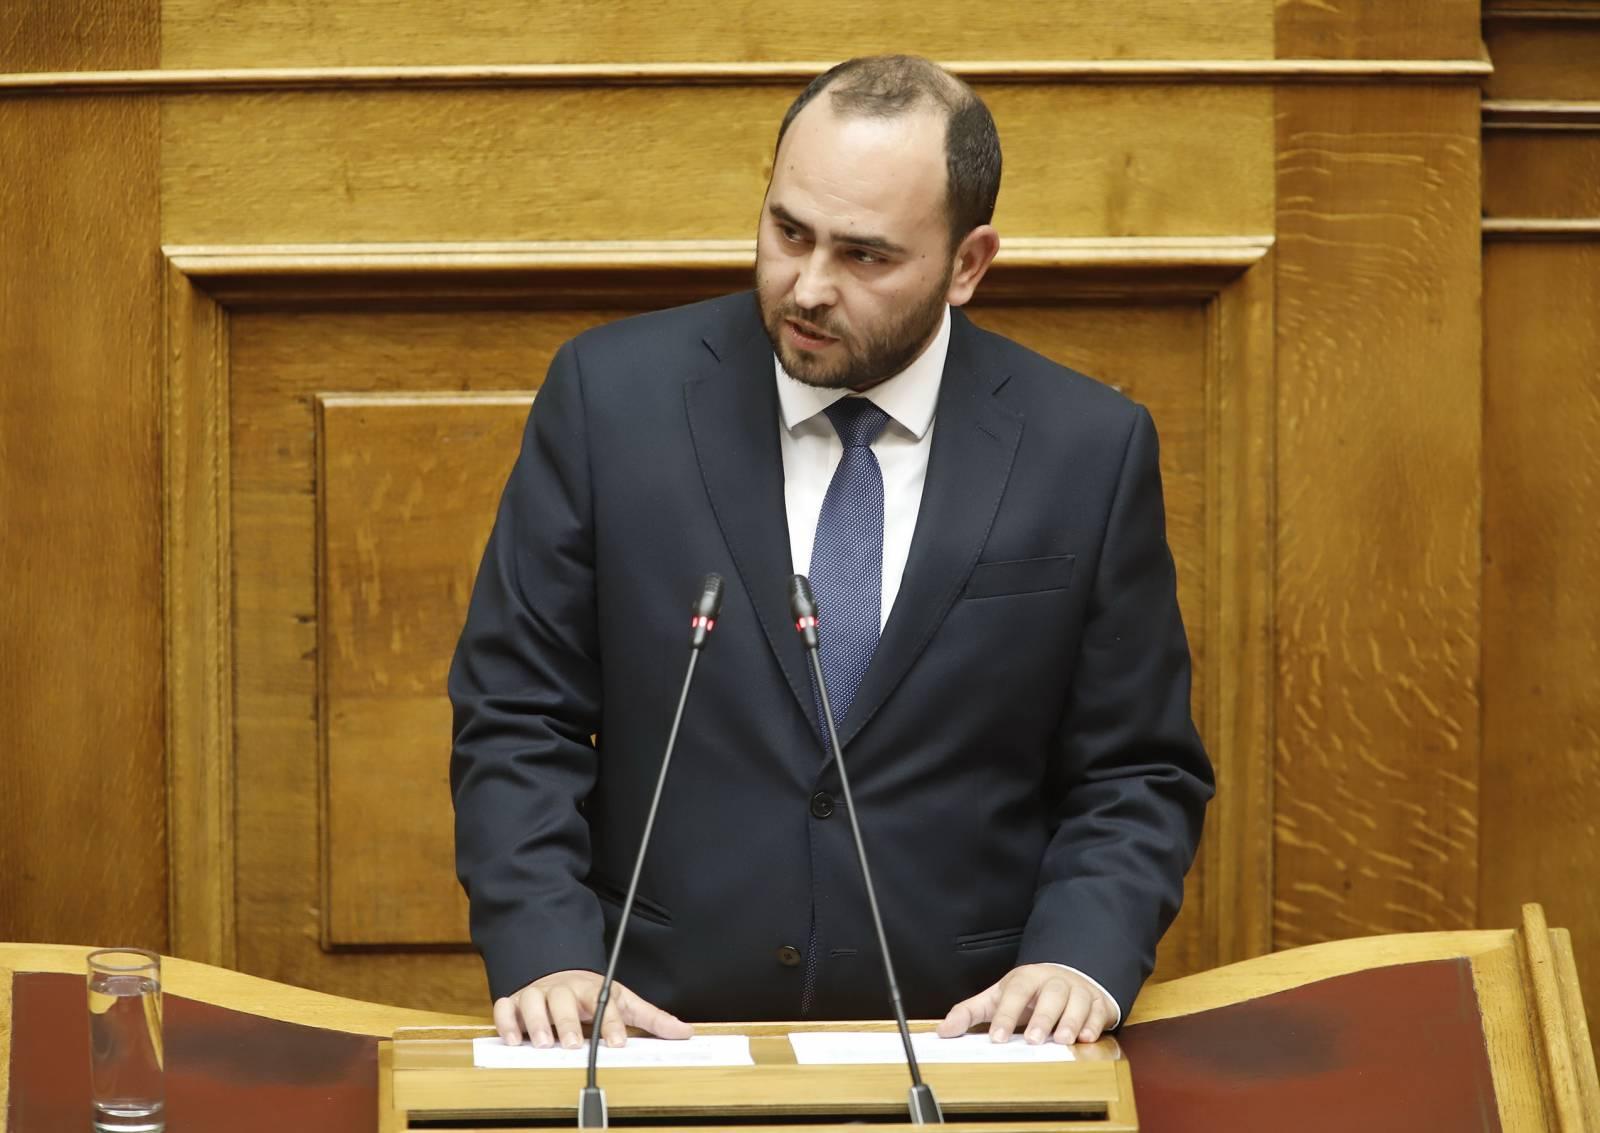 Ομιλία Λάκη Βασιλειάδη στην Ολομέλεια της Βουλής για το ν/σ του Υπουργείου Εξωτερικών σχετικά με το Συμβούλιο Απόδημου Ελληνισμού